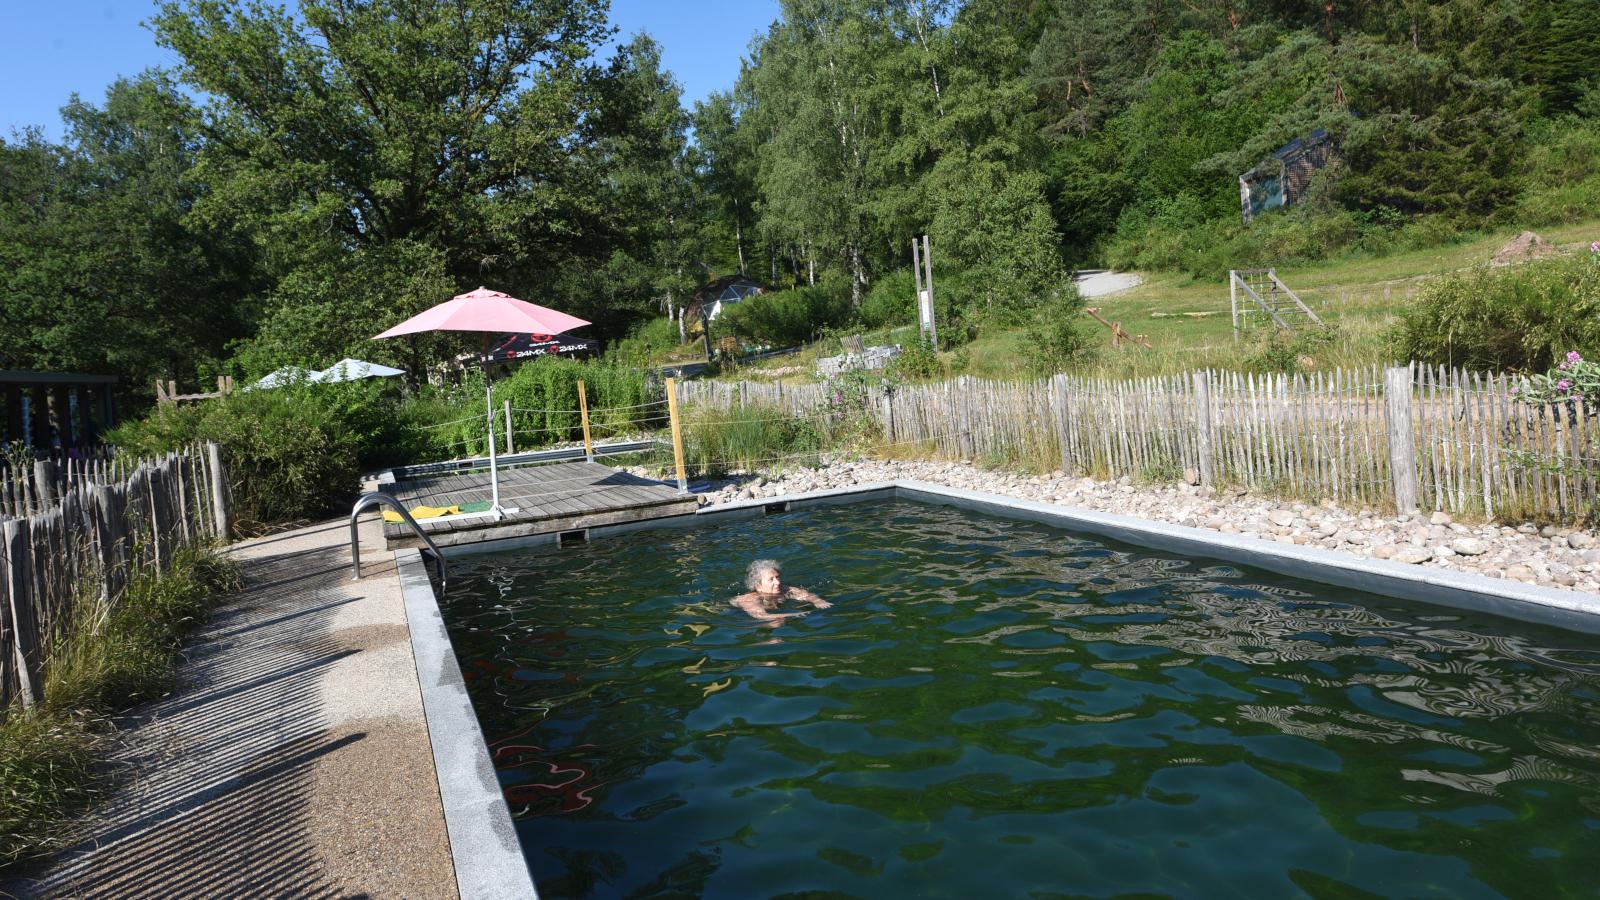 Le camping dispose d'une piscine naturelle, dont l'eau est filtrée par les plantes.